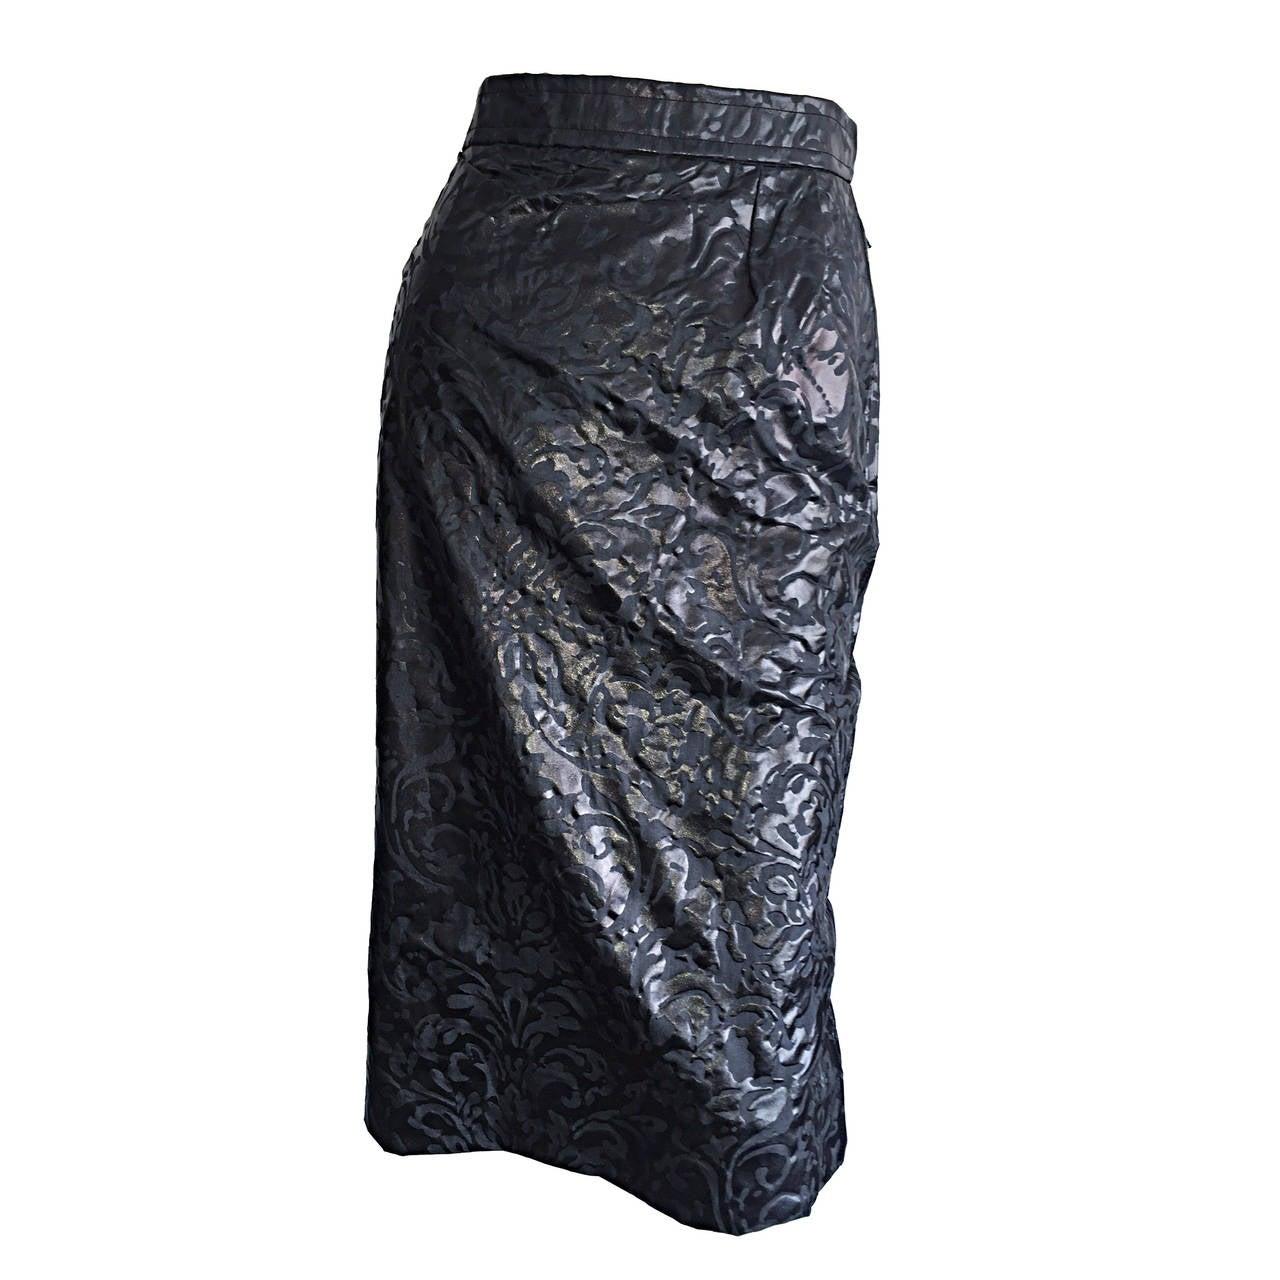 Stunning Vintage Yves Saint Laurent Silk Laser Cut High Waist Black Skirt Sz 44